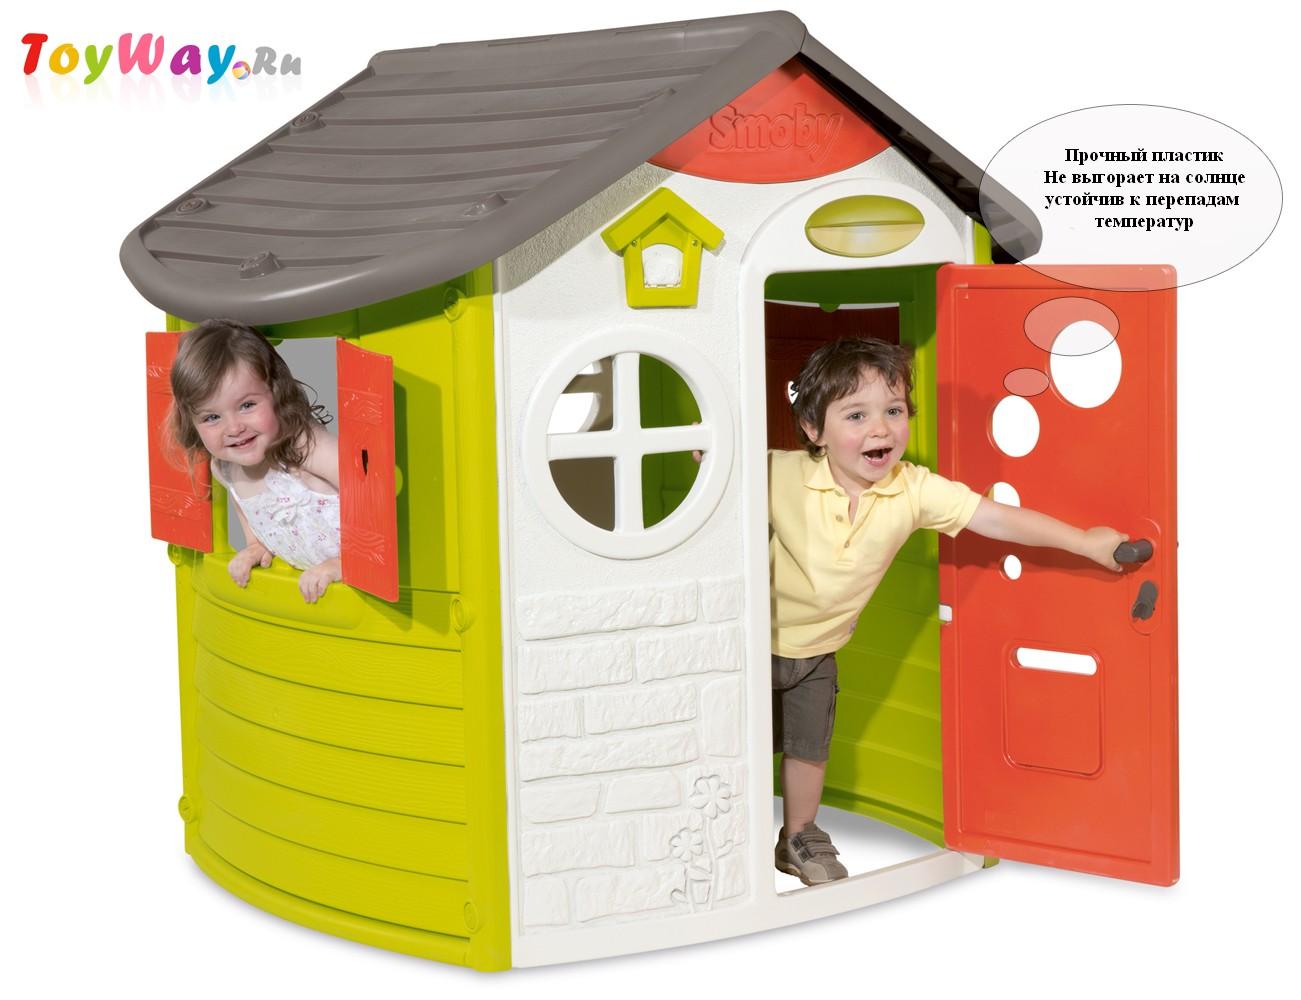 Домик Smoby Jura, 310263 - Пластиковые домики для дачи, артикул: 96508